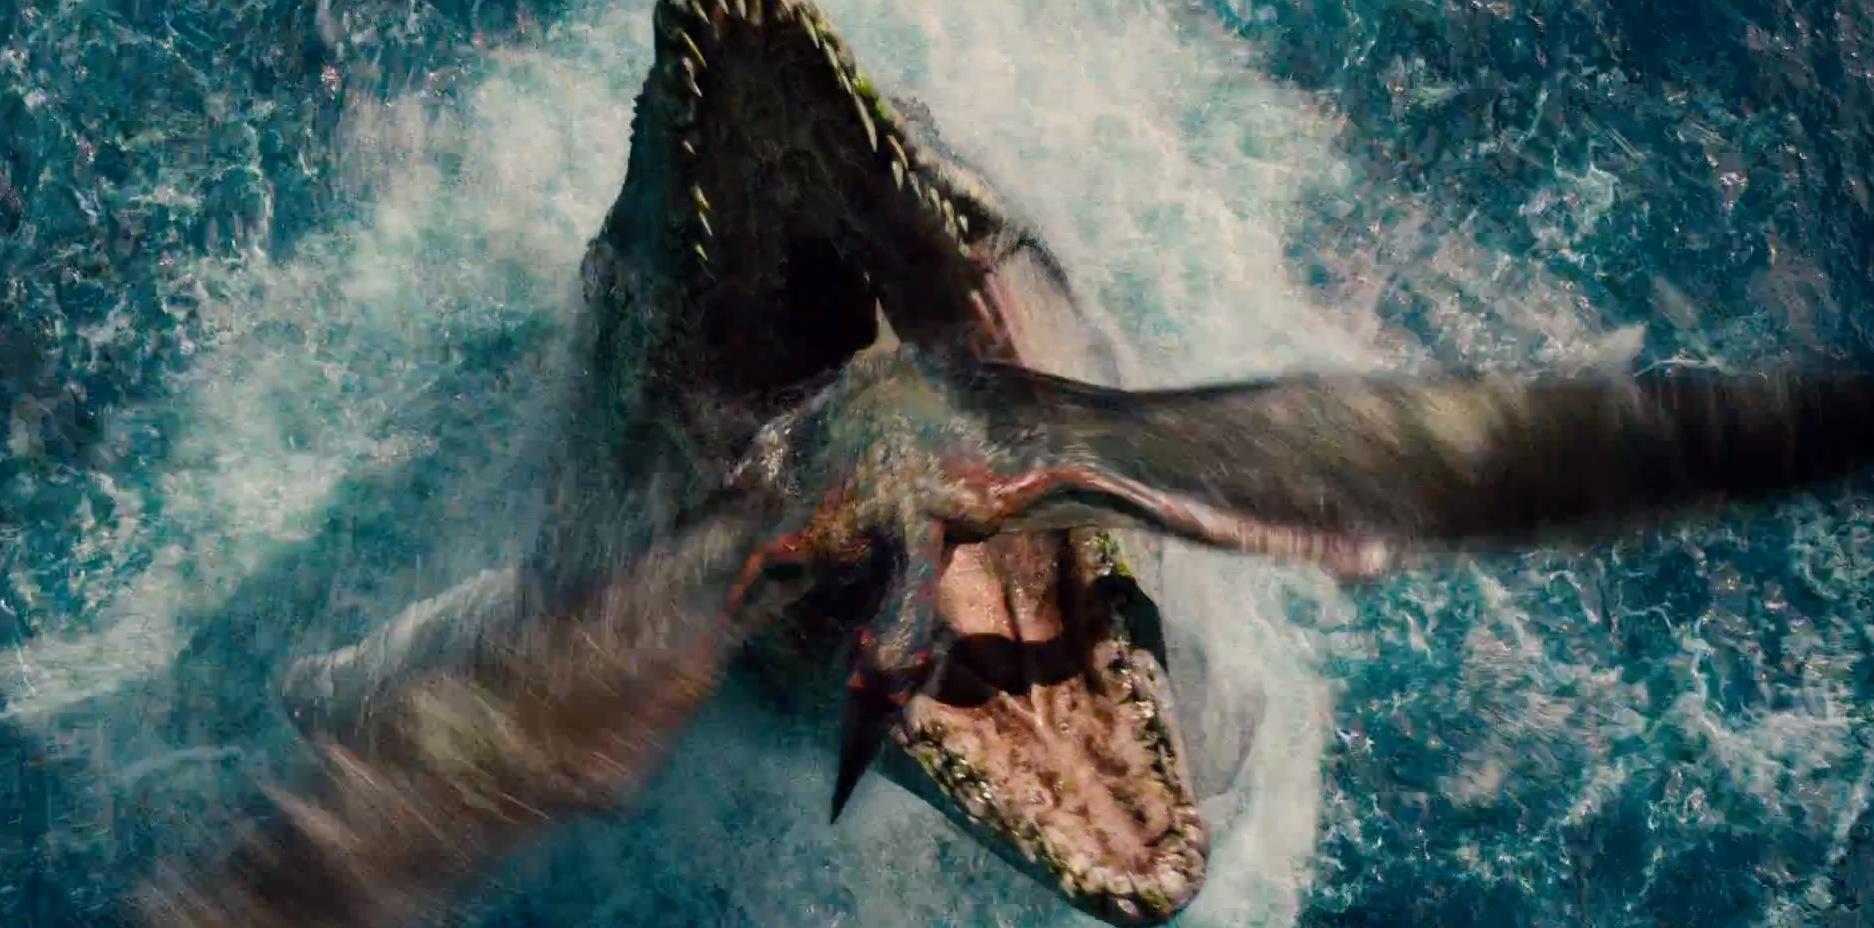 """""""Jurassic World"""" erzielte am ersten Kino-Wochenende Rekord-Einnahmen"""